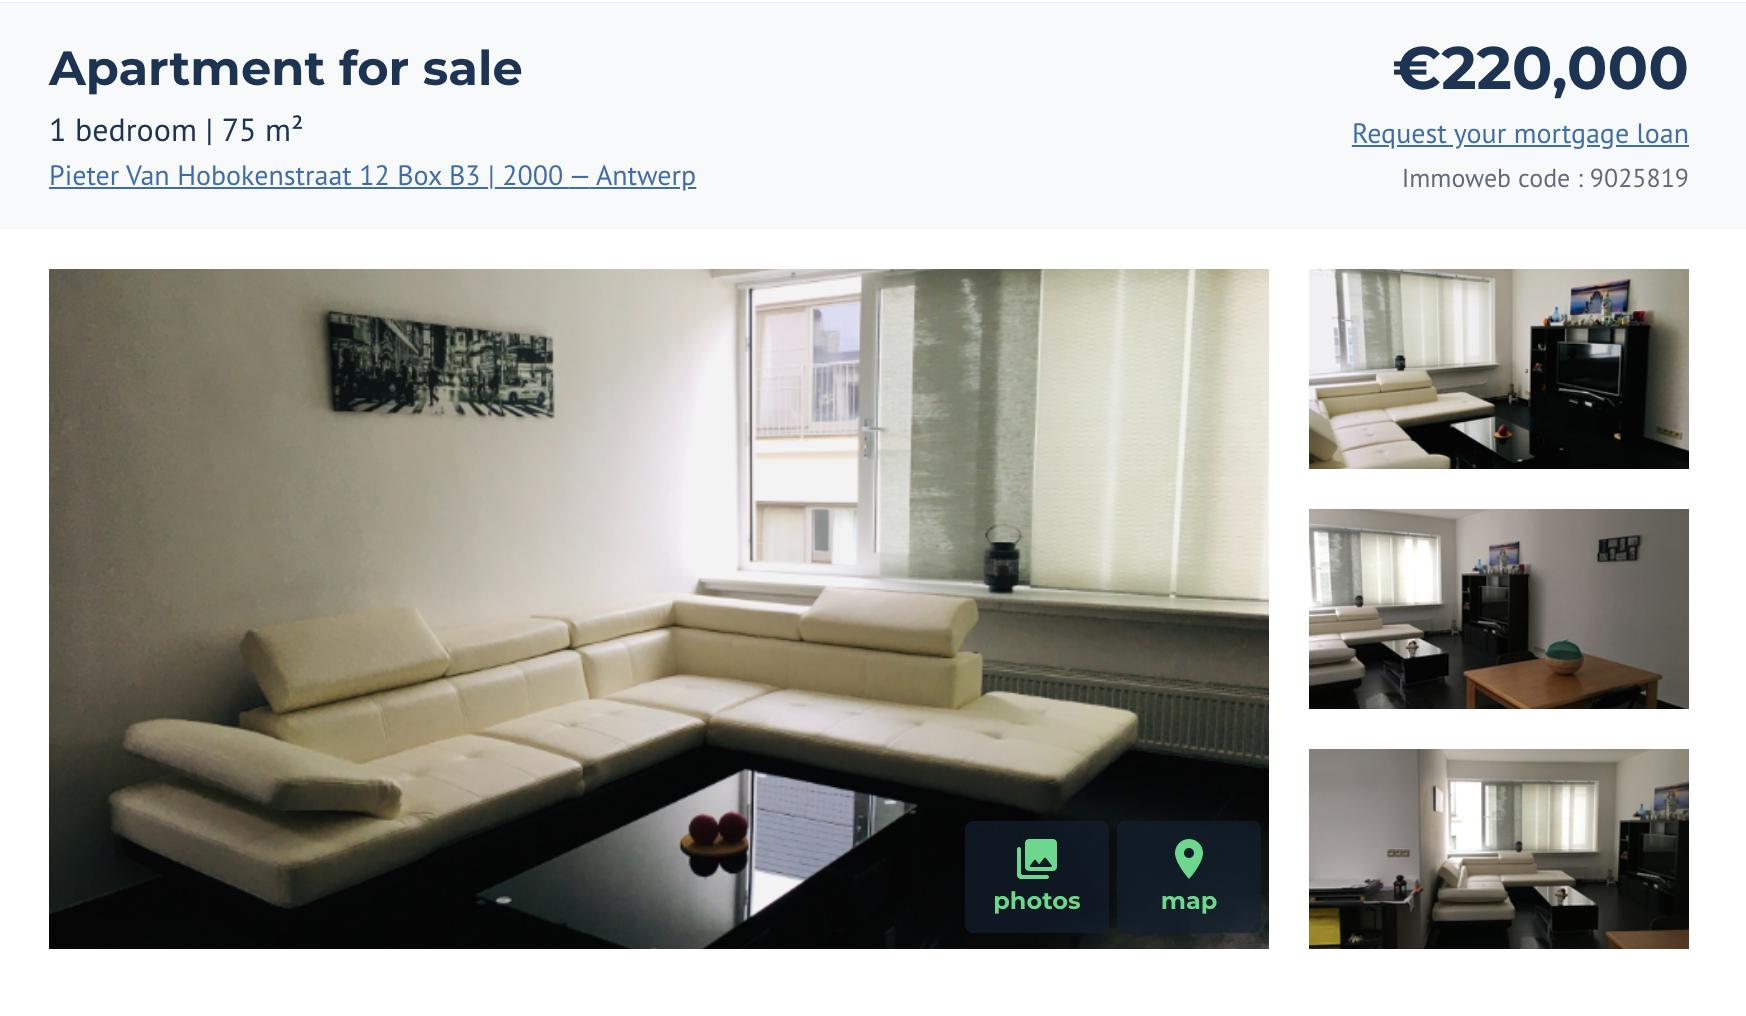 Двухкомнатная квартира площадью 75м² всамом центре города за220000€